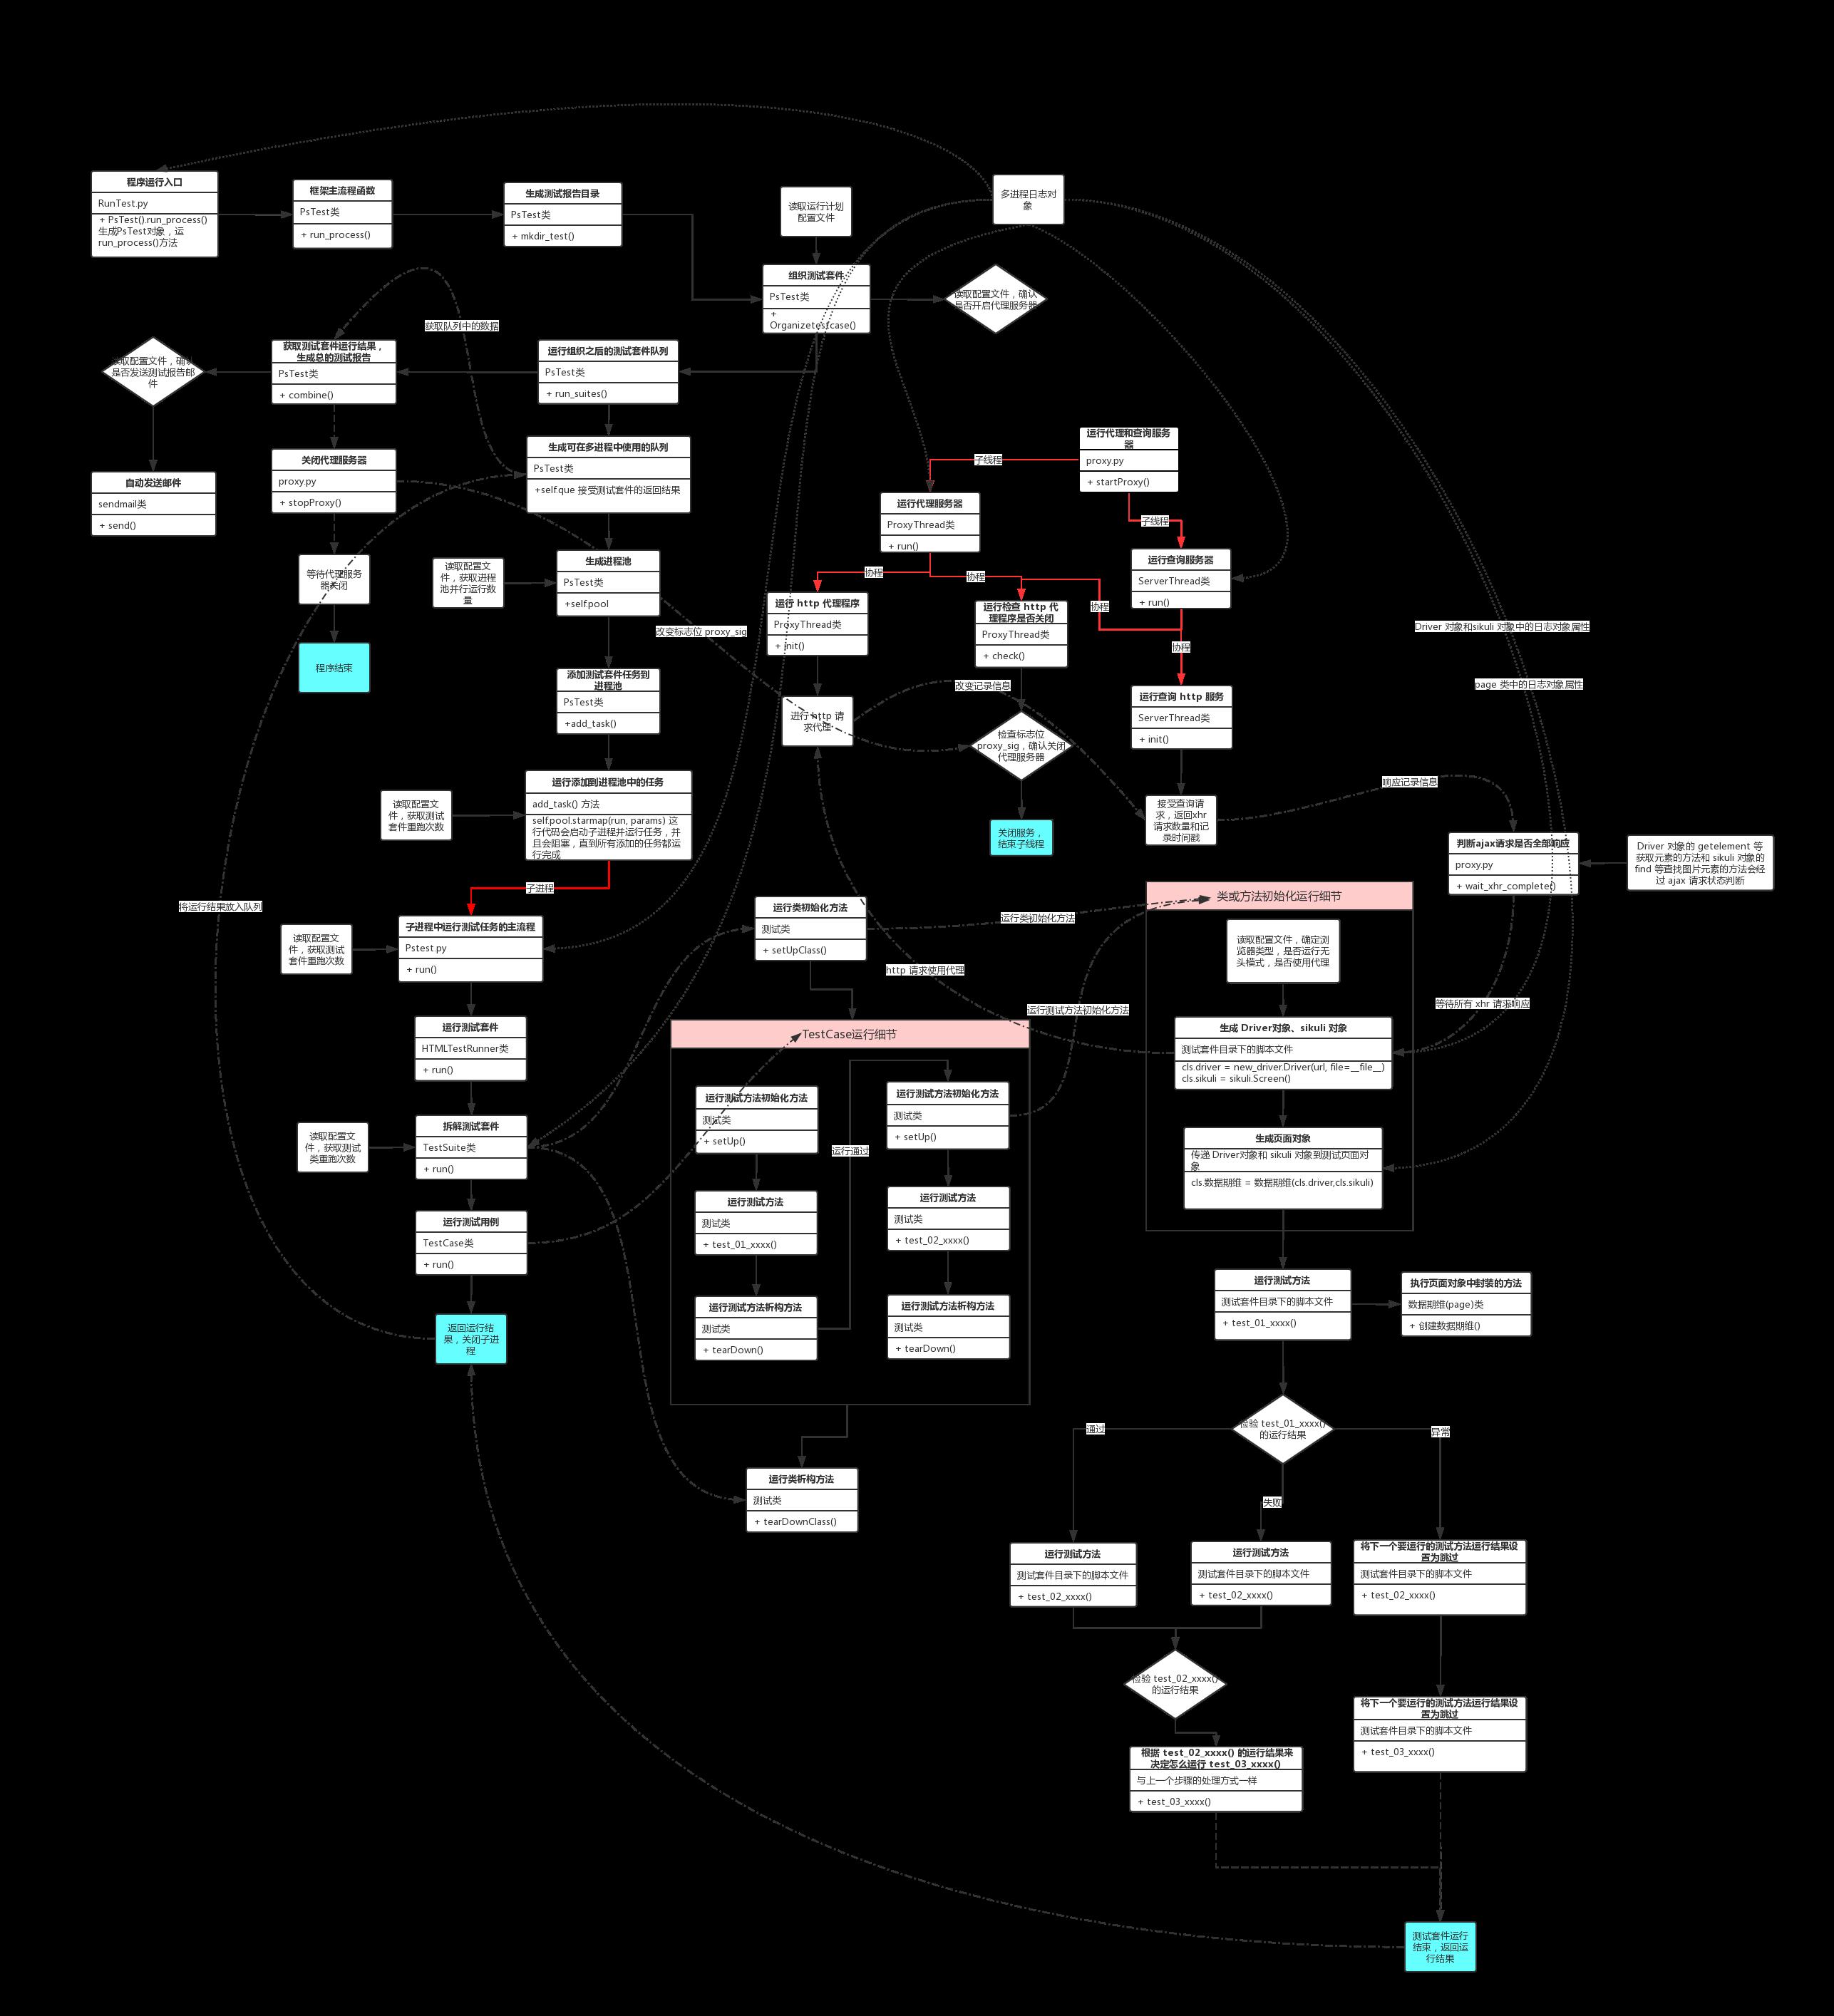 框架运行详细流程图